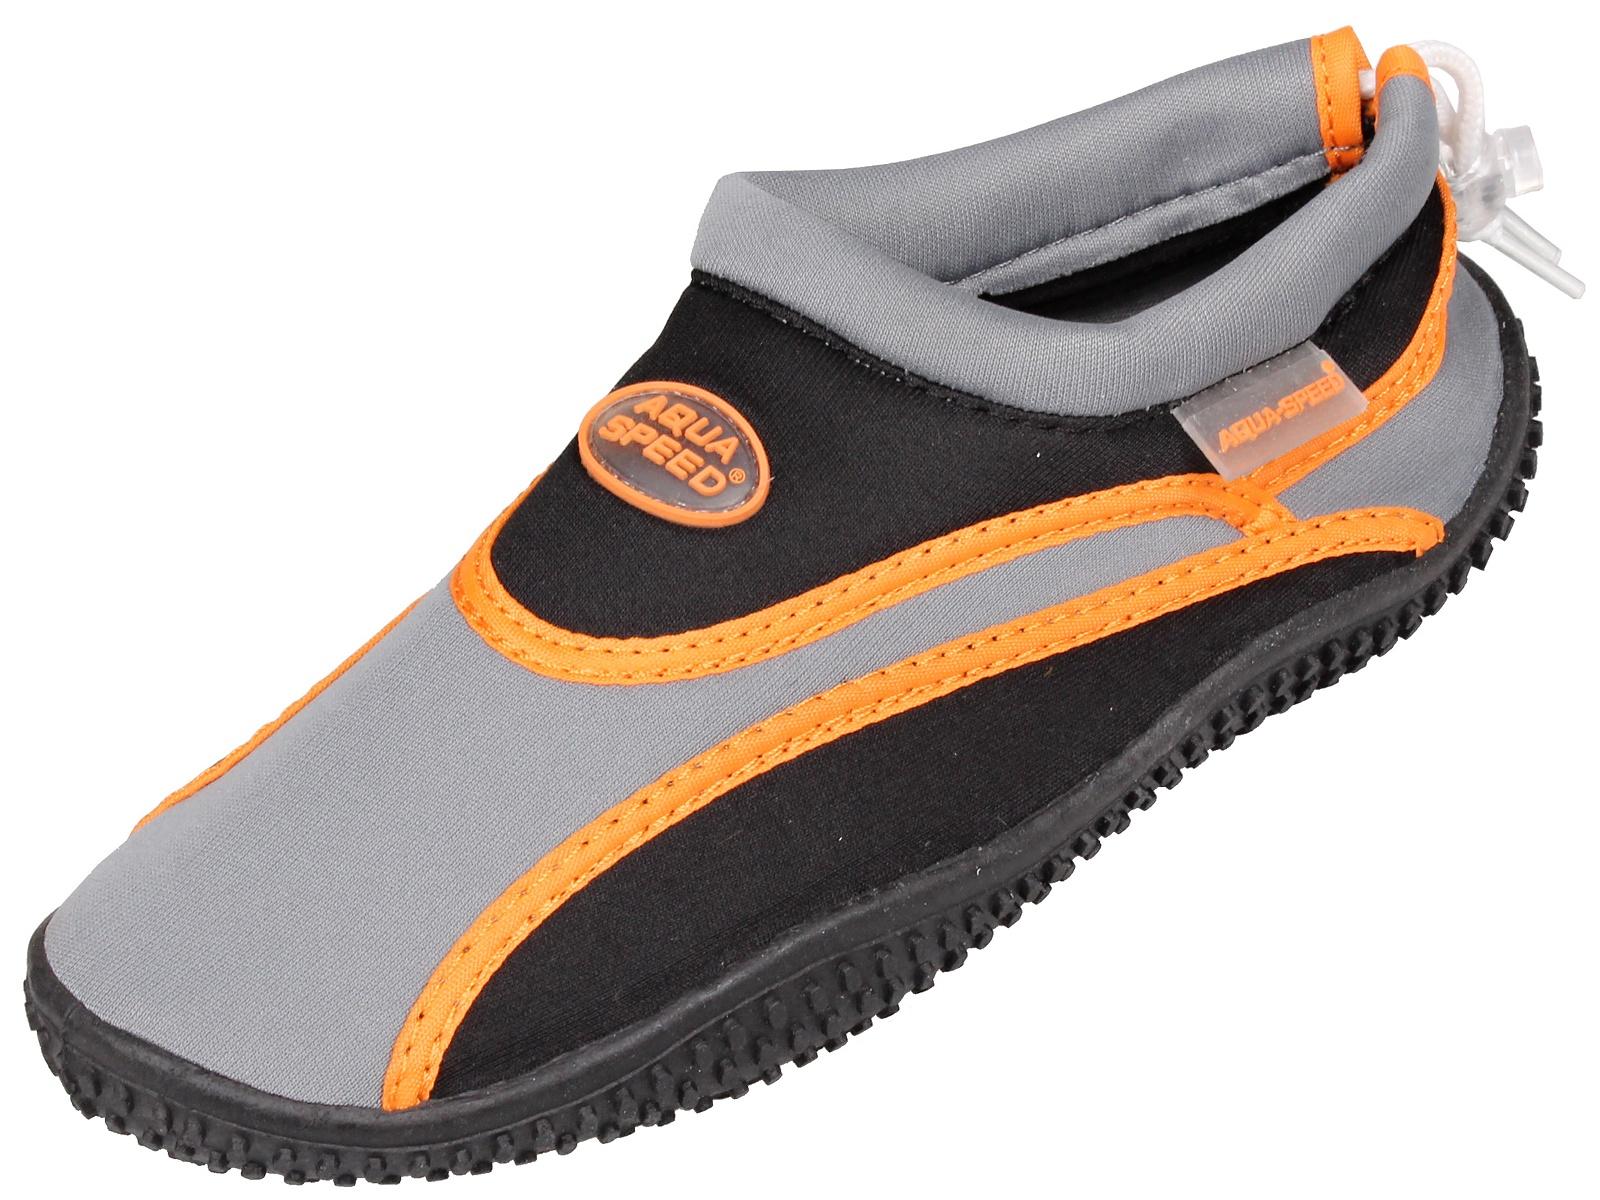 2577cc838ead2 Topánky do vody AQUA-SPEED 1A - veľ. 36